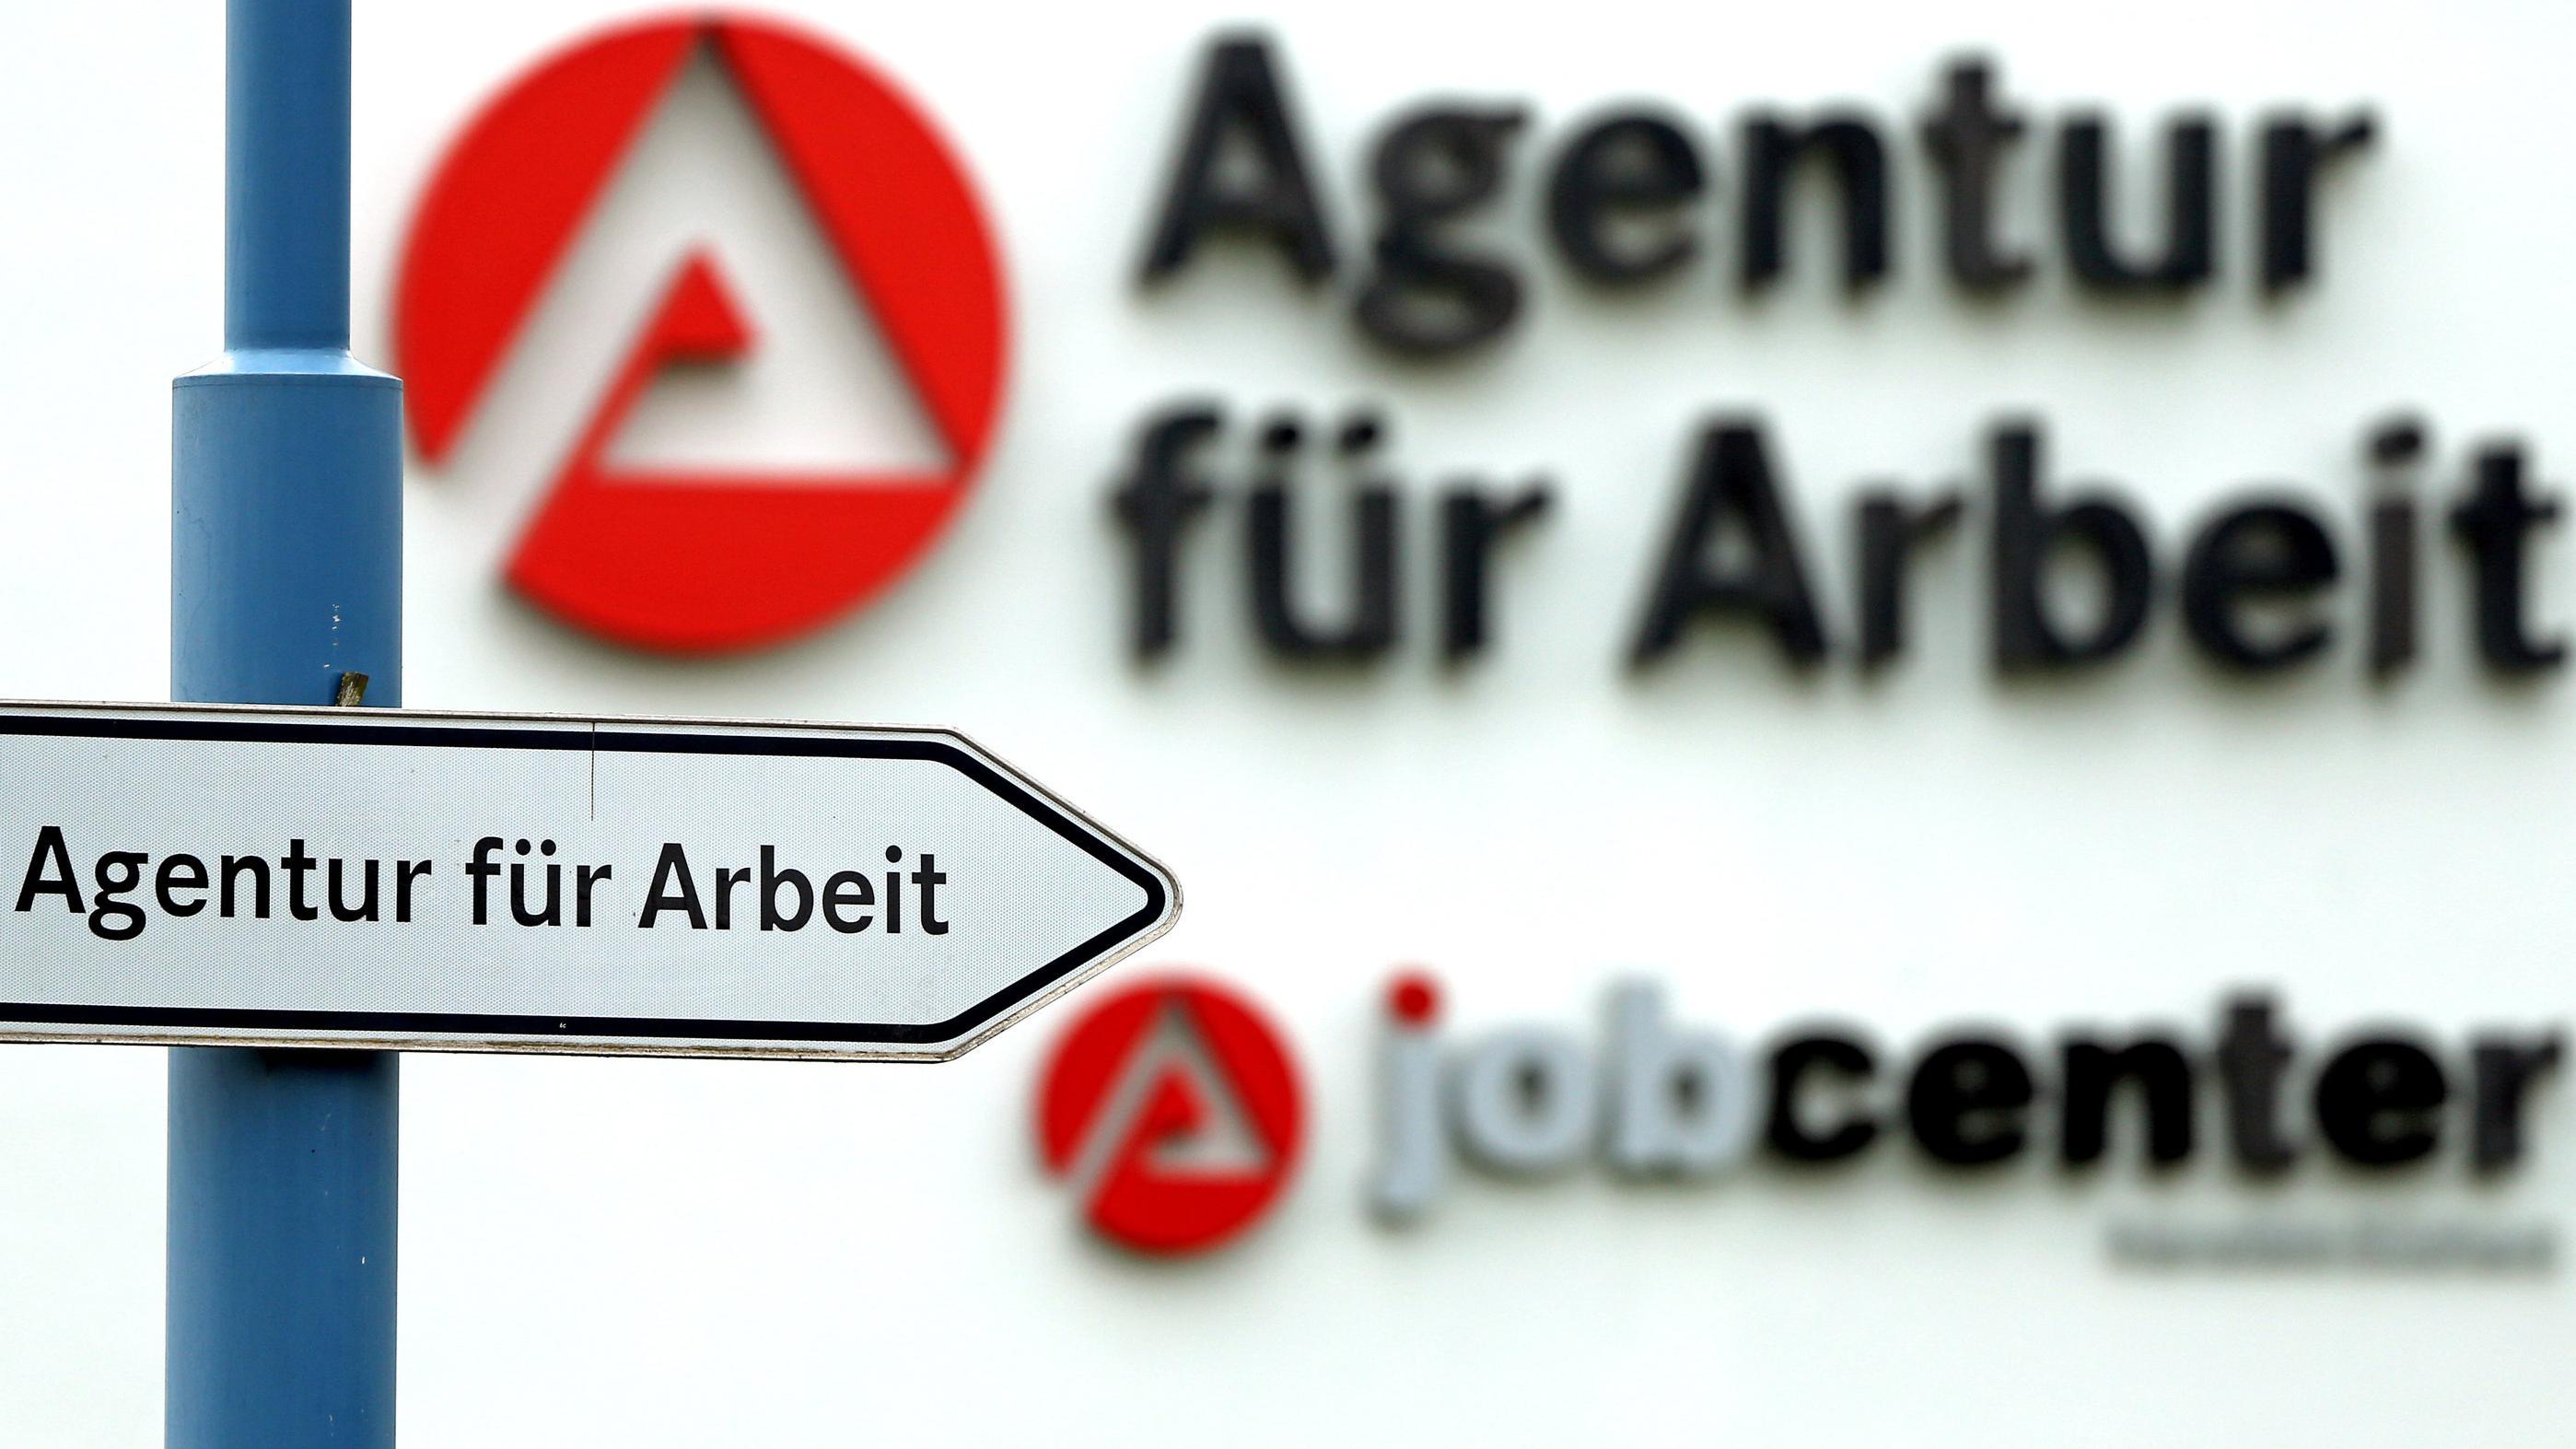 Ein Schild weist den Weg zur Agentur für Arbeit.